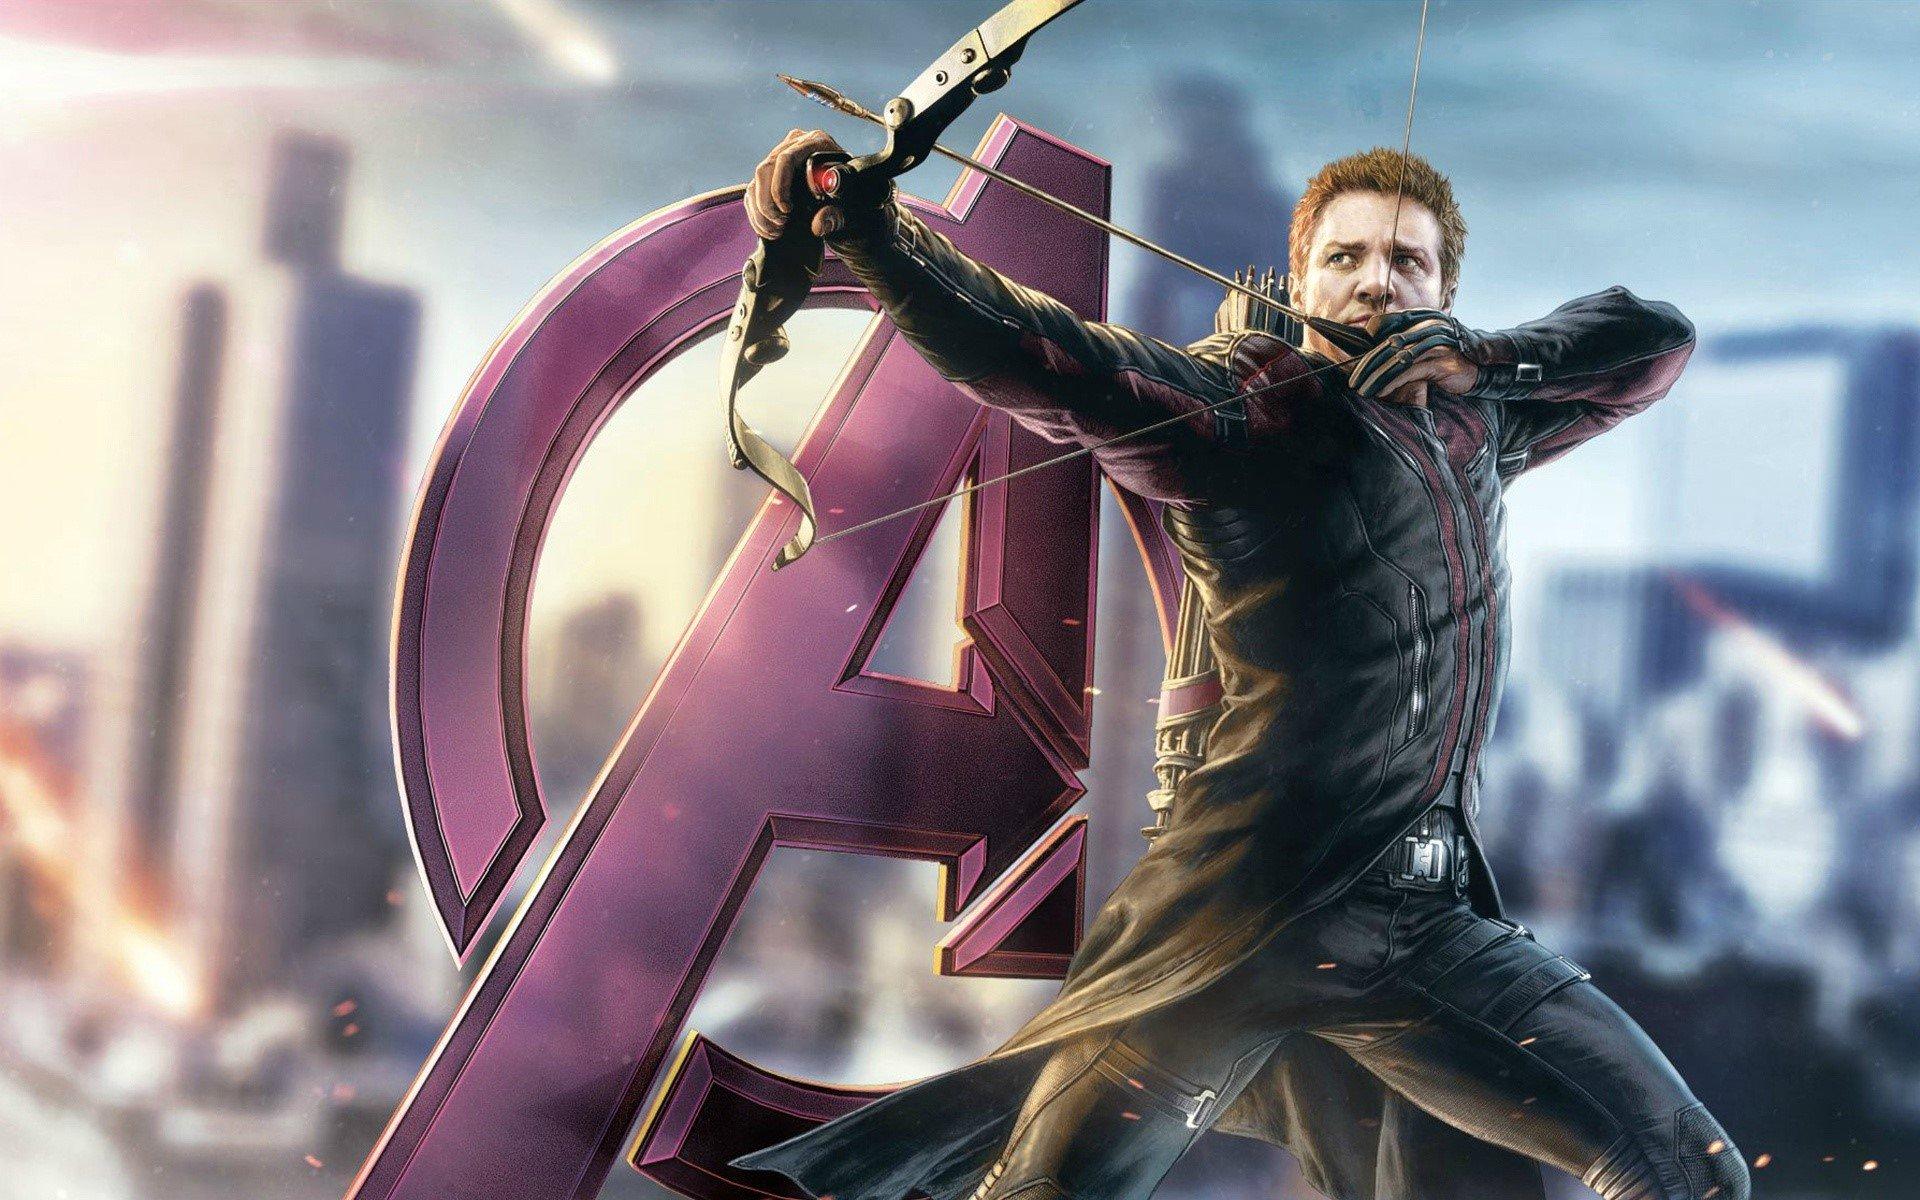 Fondos de pantalla Hawkeye en Avengers